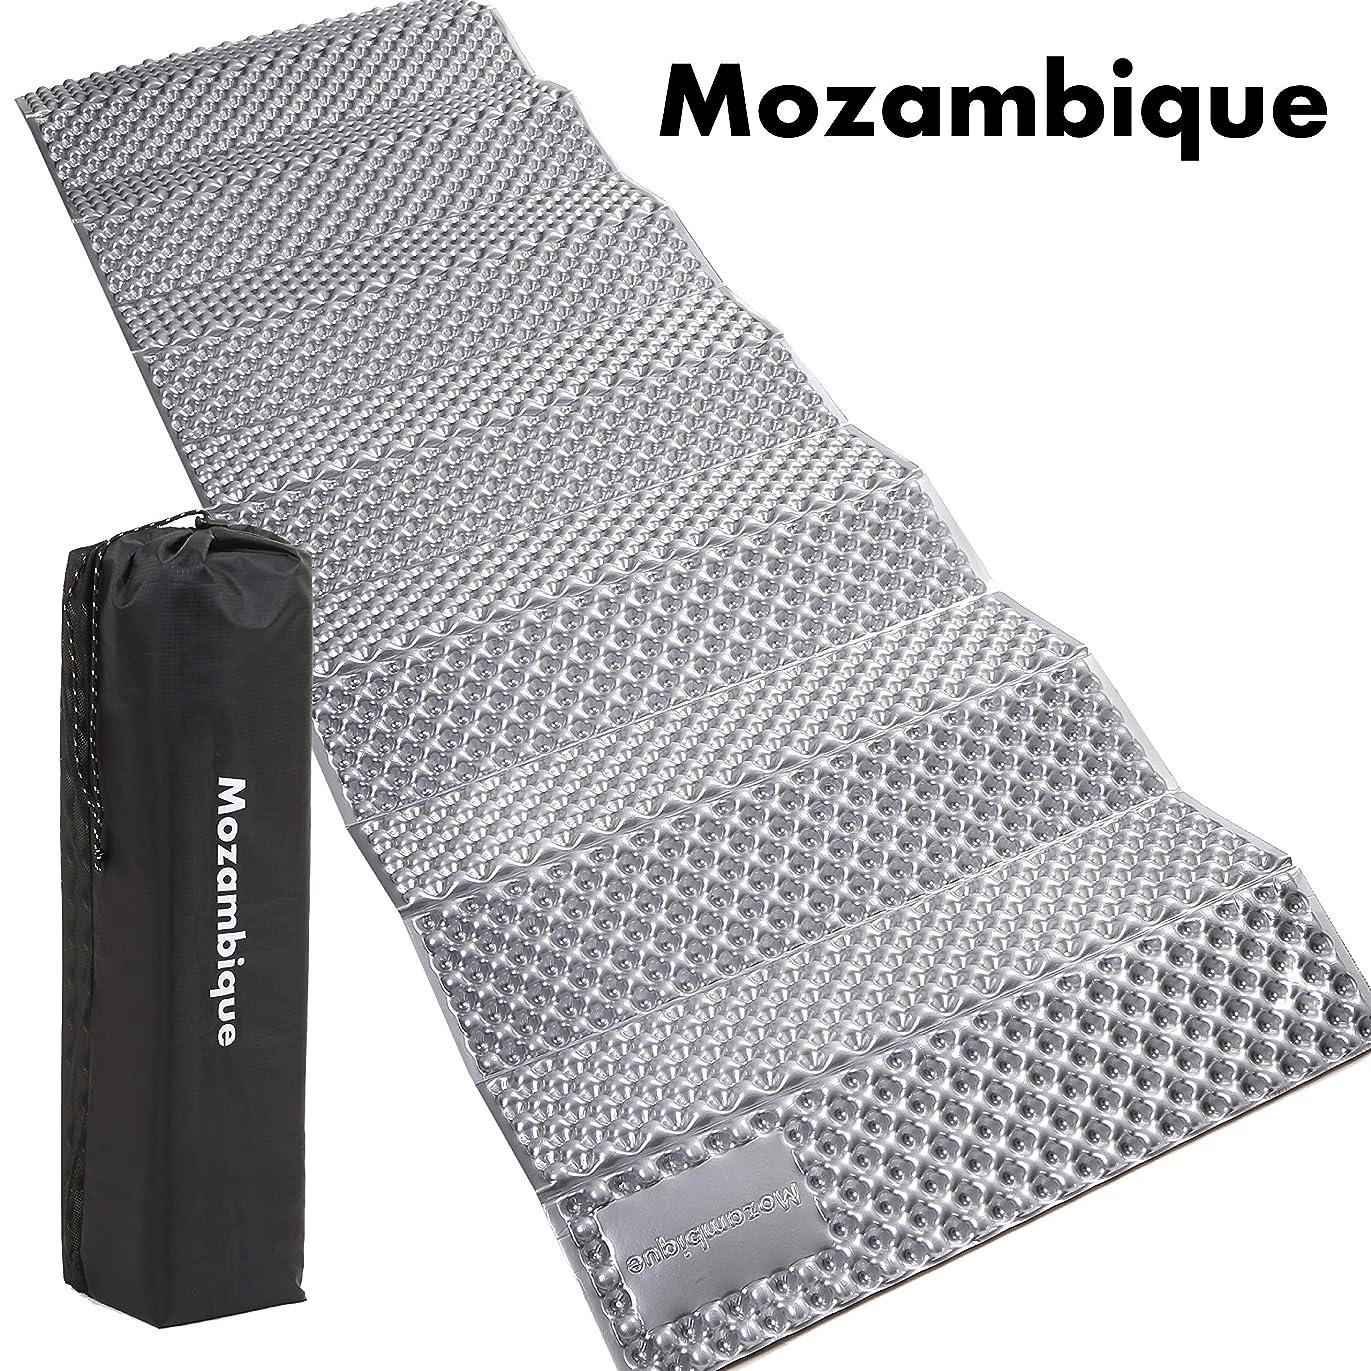 クスクス速報容器Mozambique(モザンビーク) キャンプ マット アウトドアマット レジャーマット 車中泊 極厚20mm【何年も使える耐久性|1年保証】